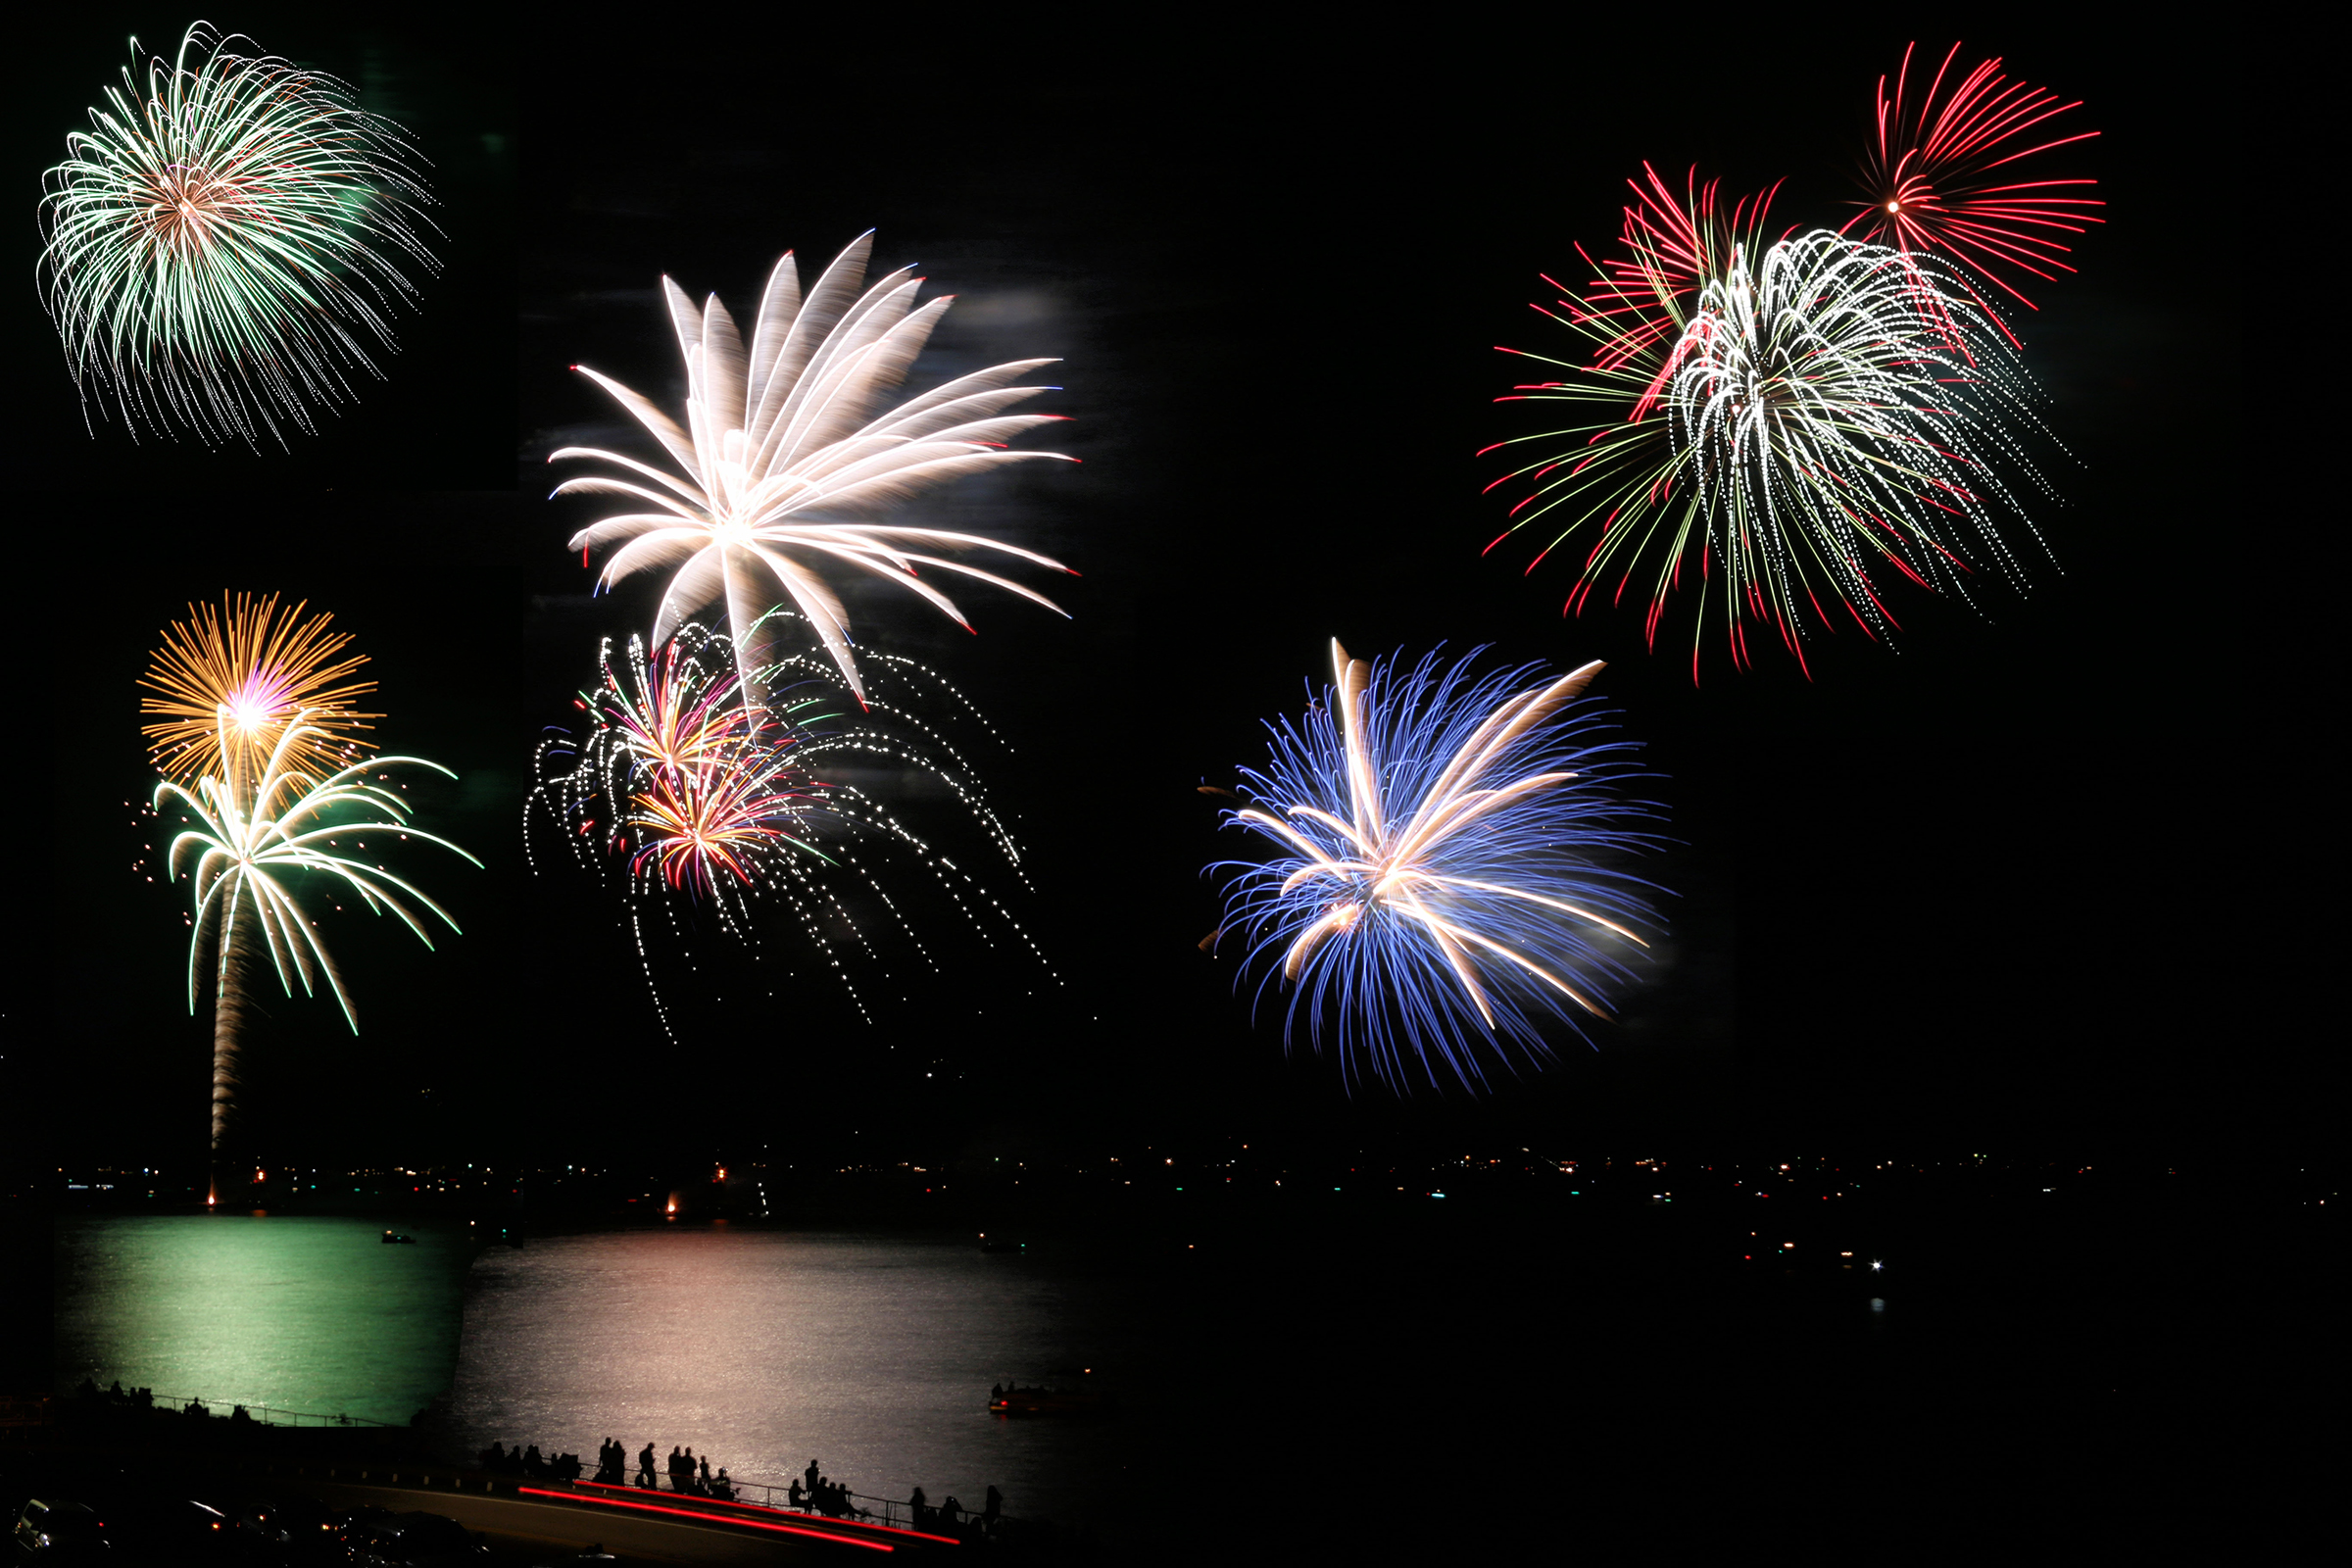 Fireworks City of Guntersville